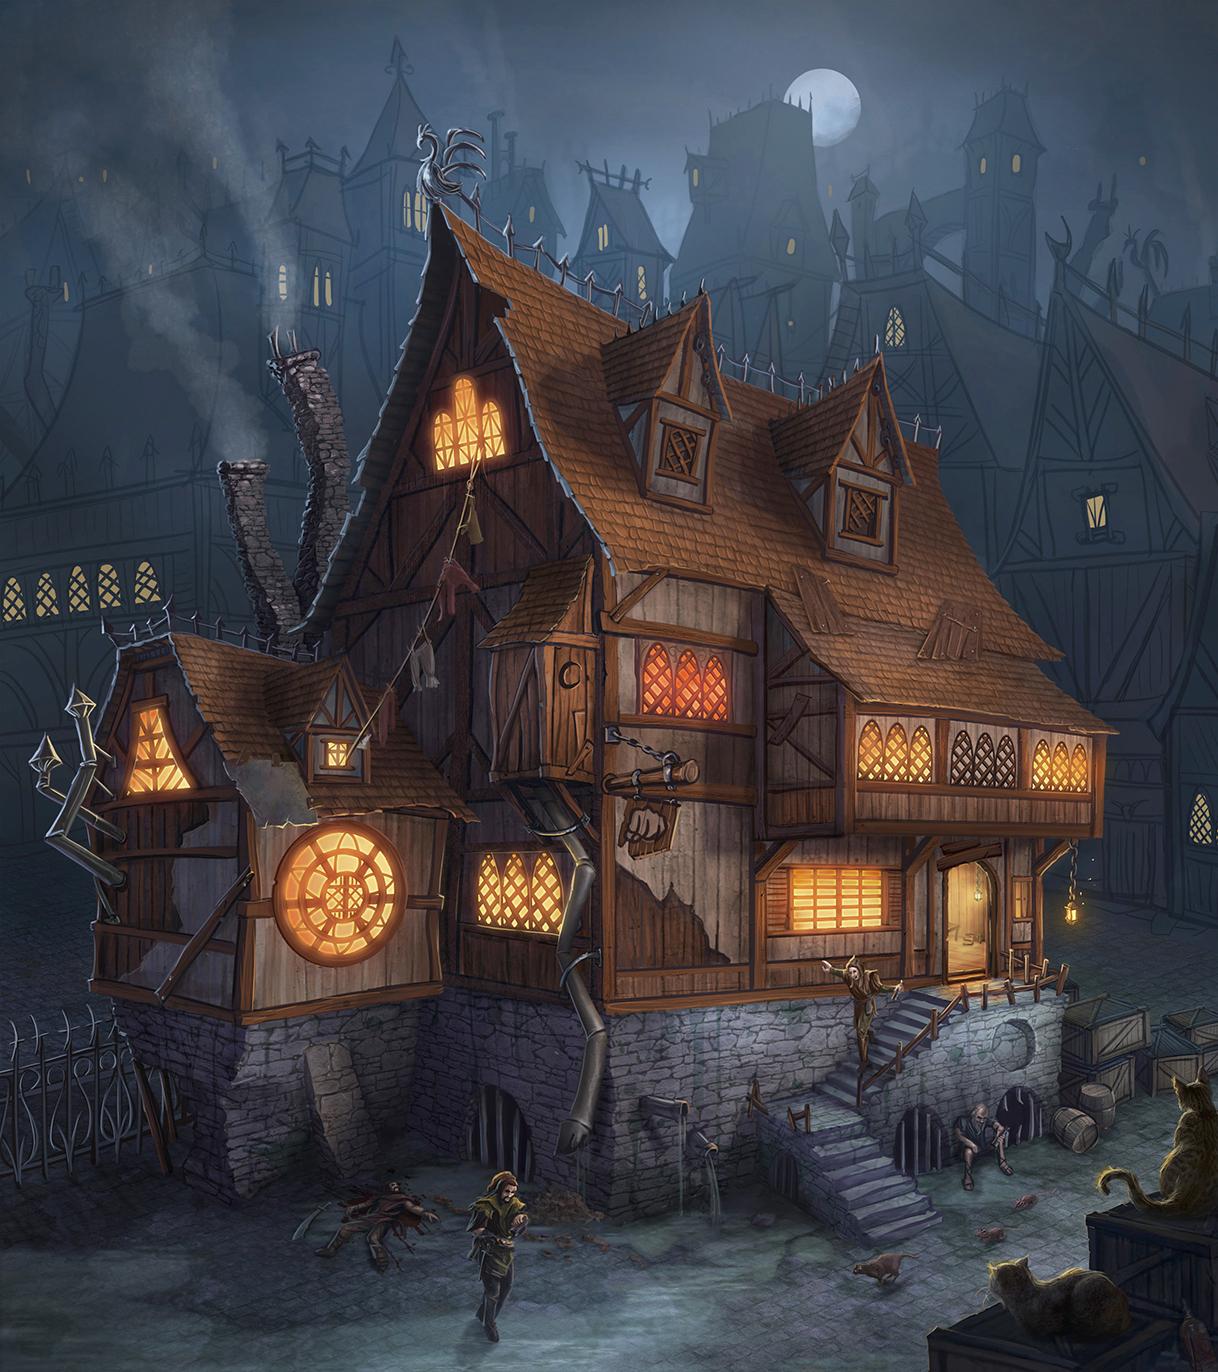 'Left hook' Tavern by Takeda11